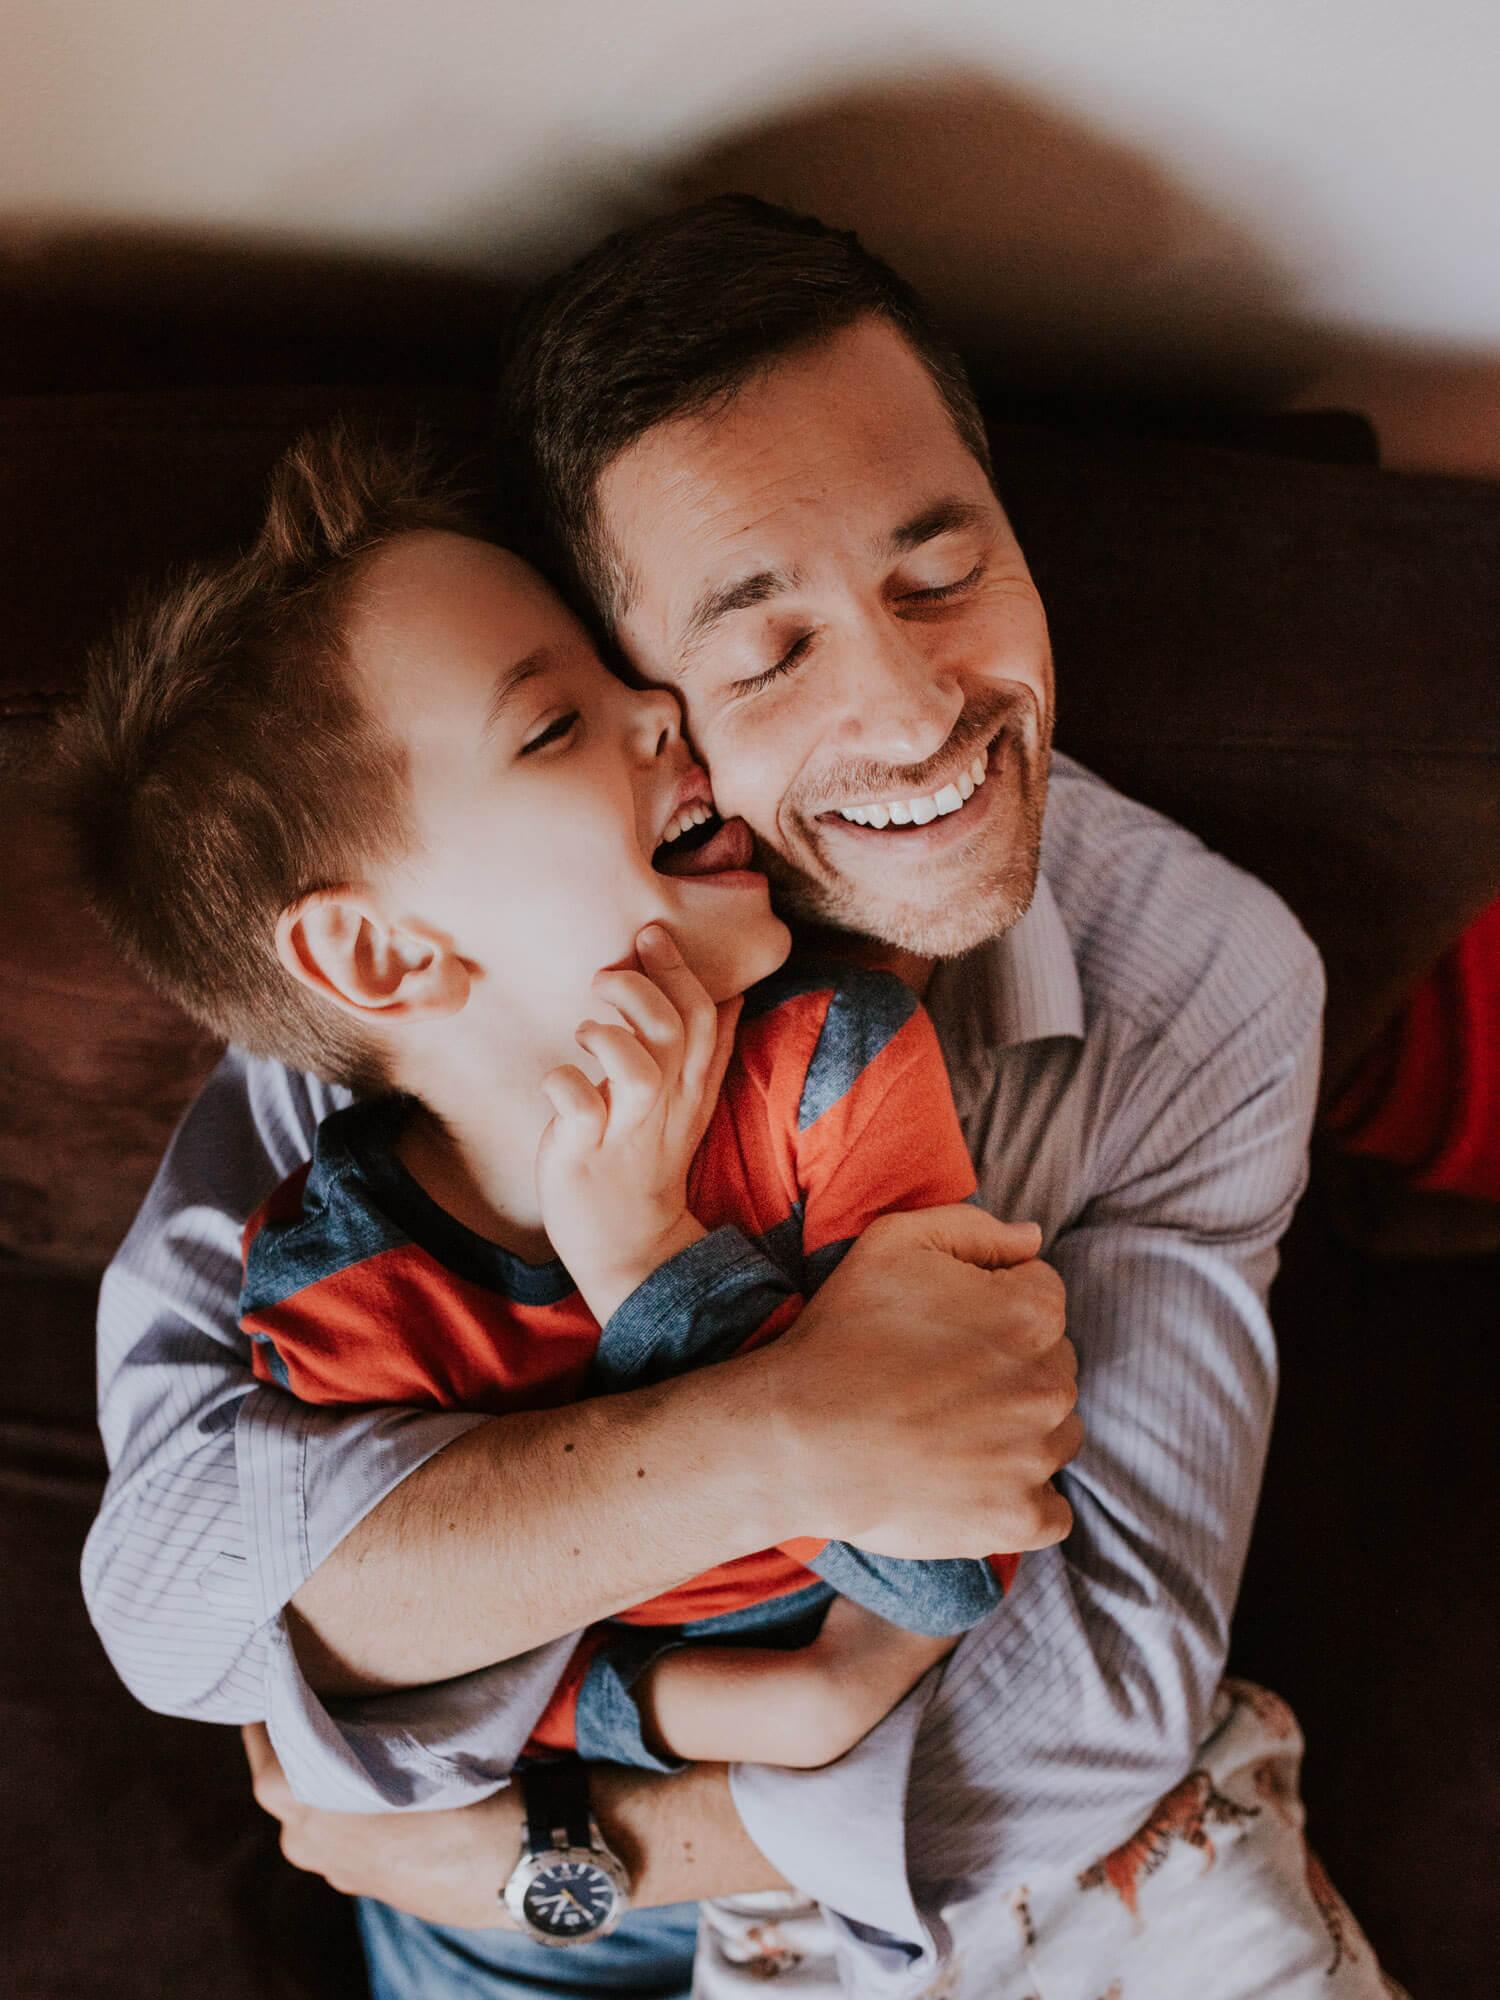 hug father and son lick cheek family